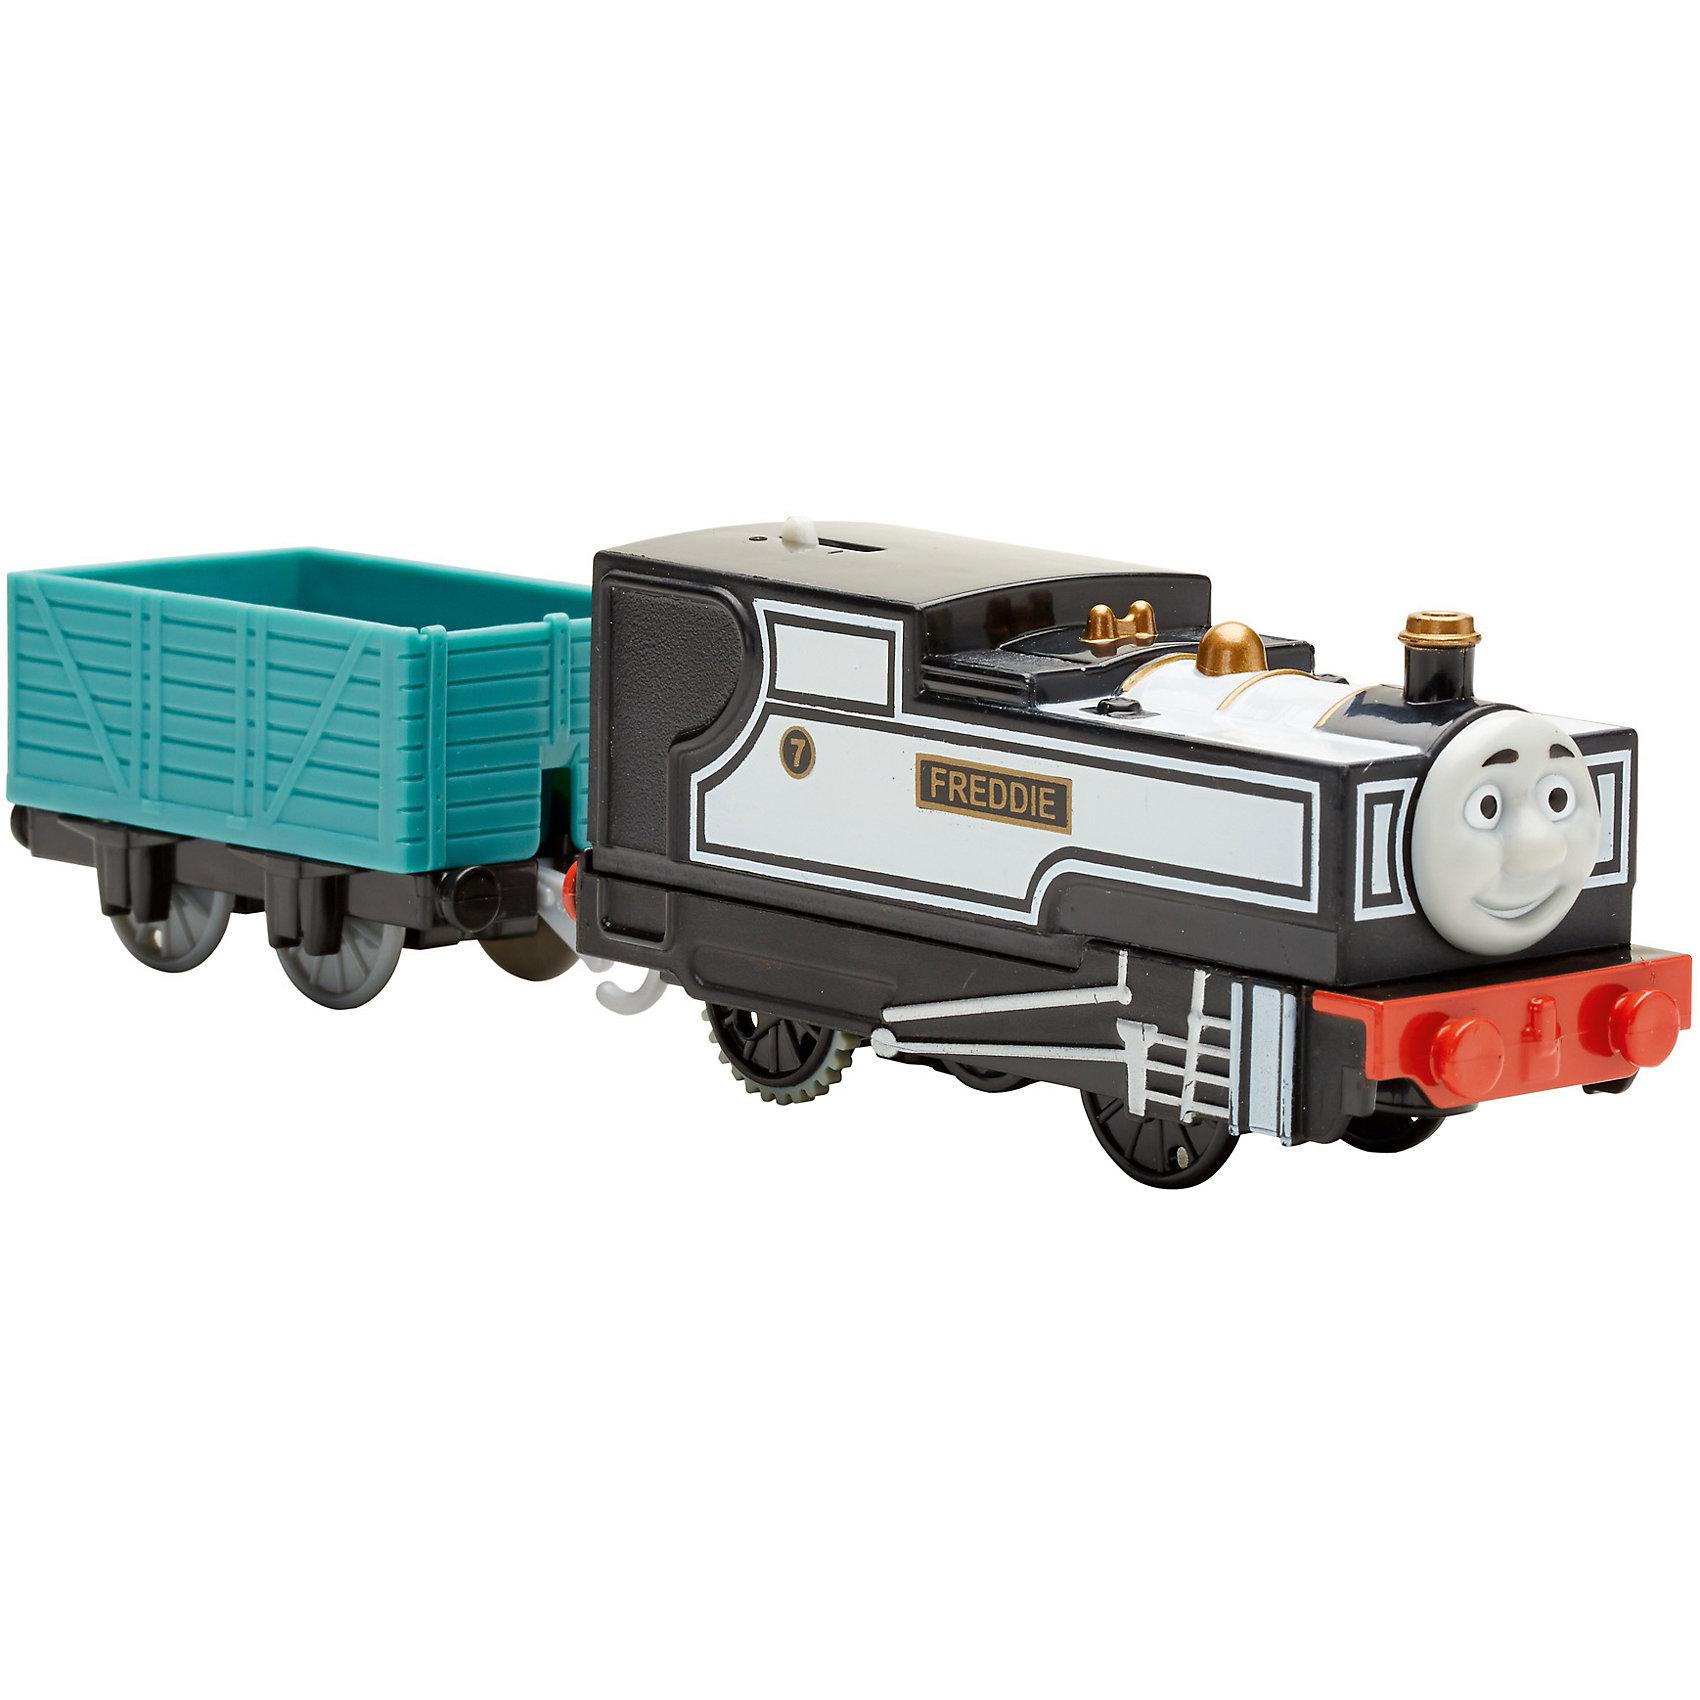 Дополнительные паровозики, Томас и его друзья